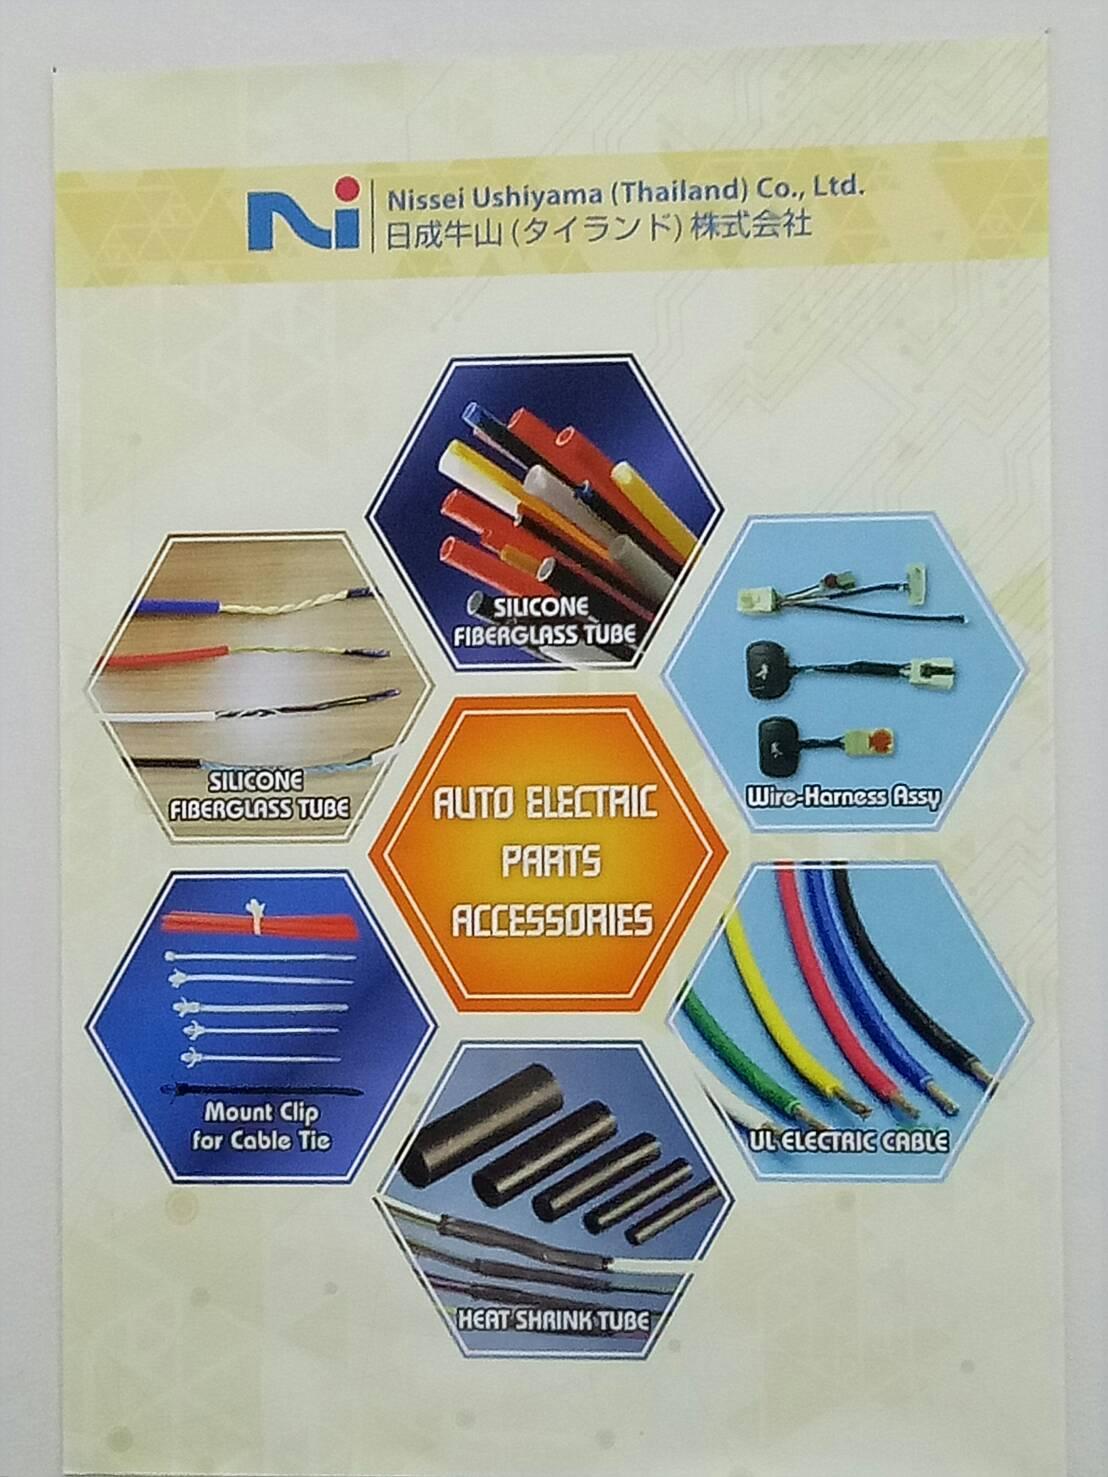 自動車&電気用パーツ・アクセサリー